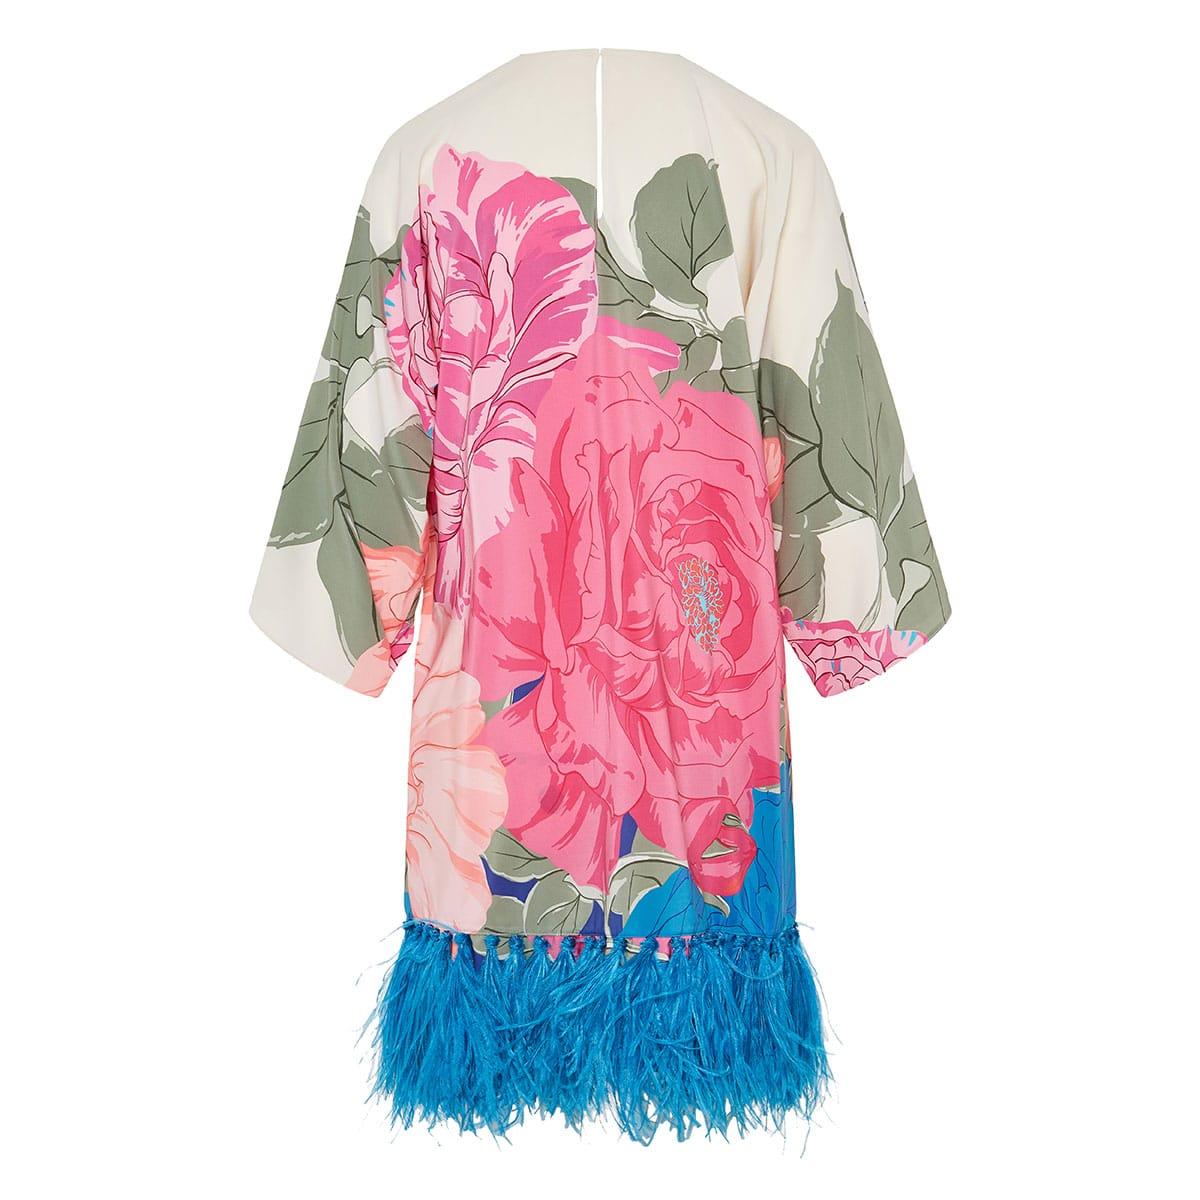 Feather-embellished floral crepe dress